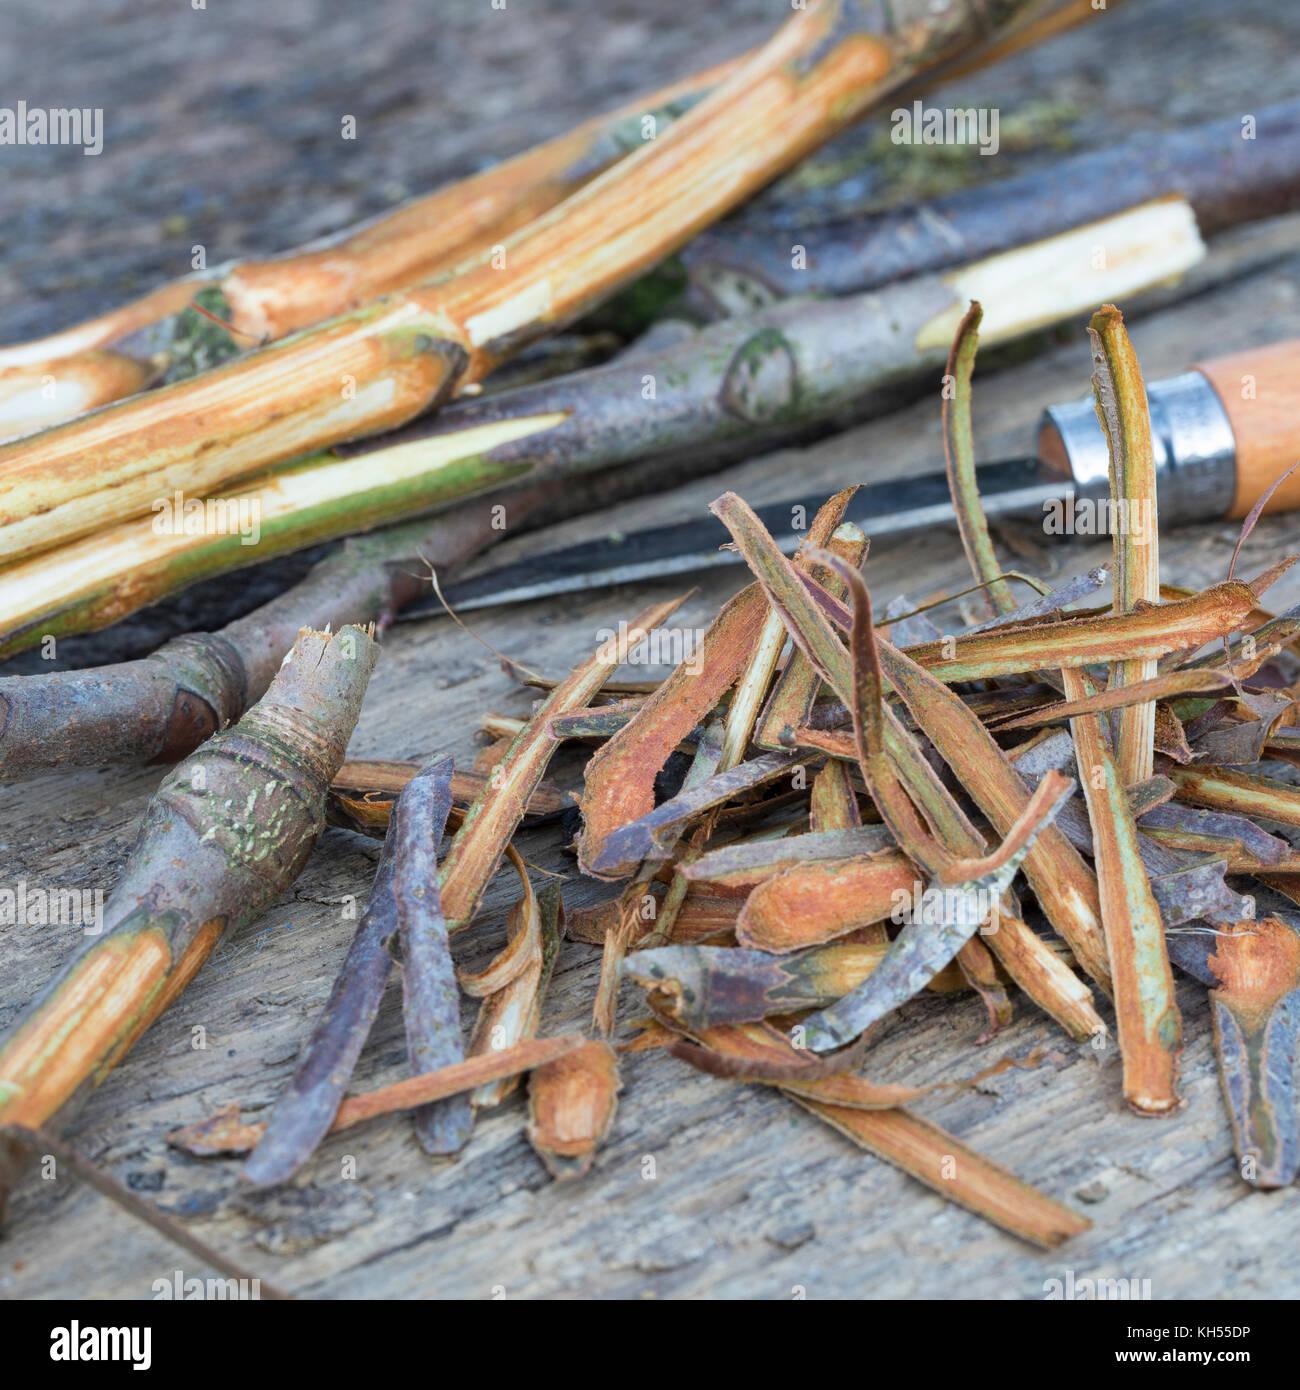 Rosskastanie-Rinde, Rosskastanien-Rinde, Rinde wird mit Messer abgeschält, getrocknet und zu Heilzwecken genutzt, - Stock Image